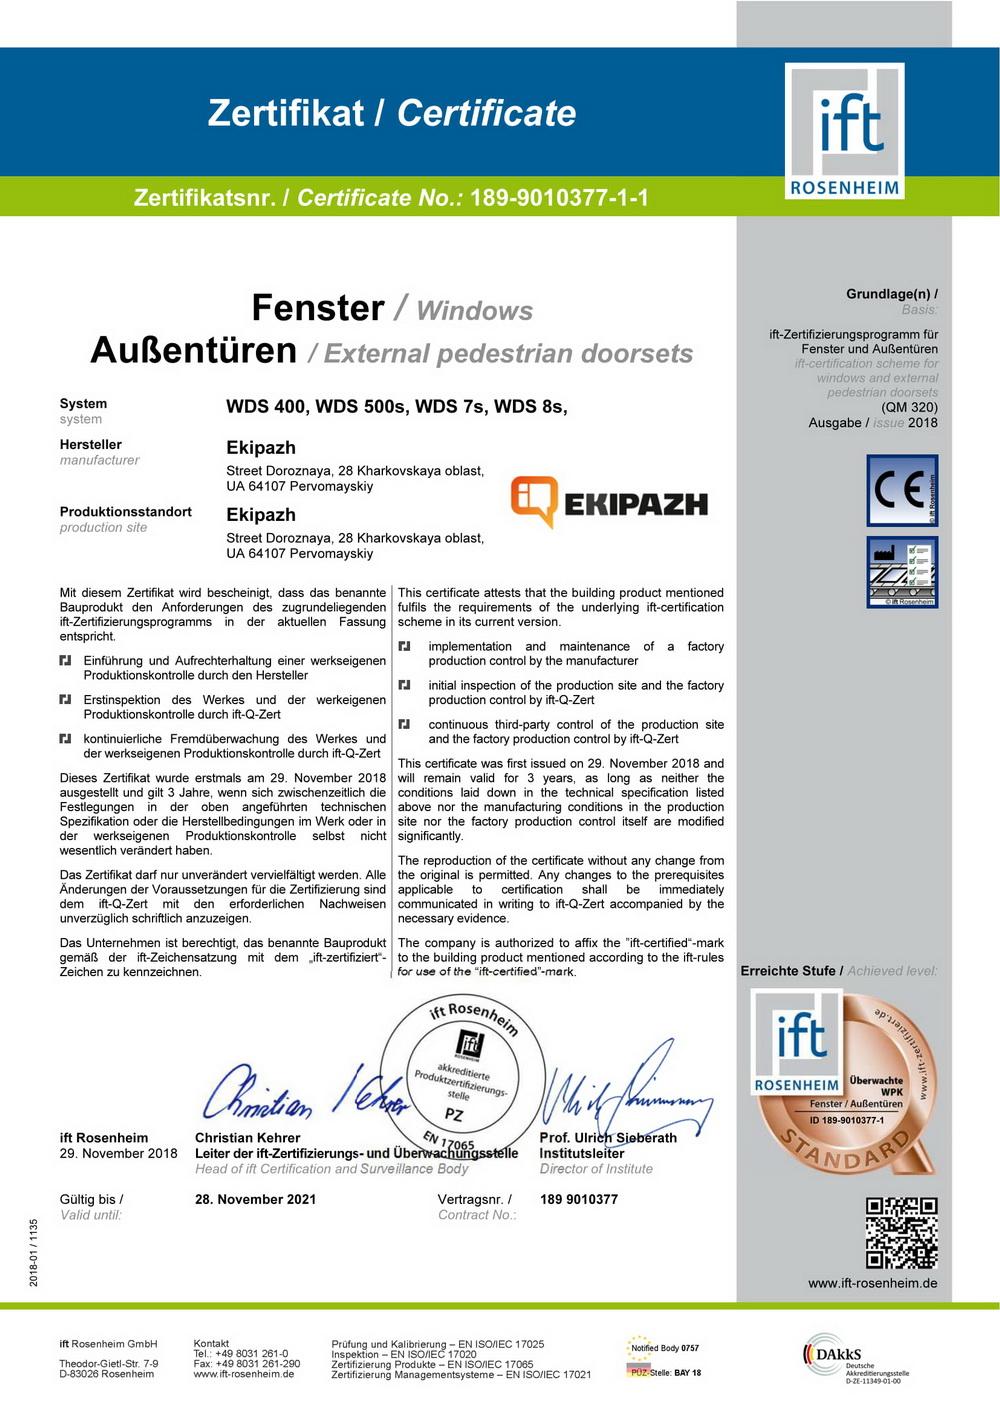 Сертифікат itf Rosenheim WDS 400; 500; 7S; 8S, який допомагають дилерам при роботі з клієнтами